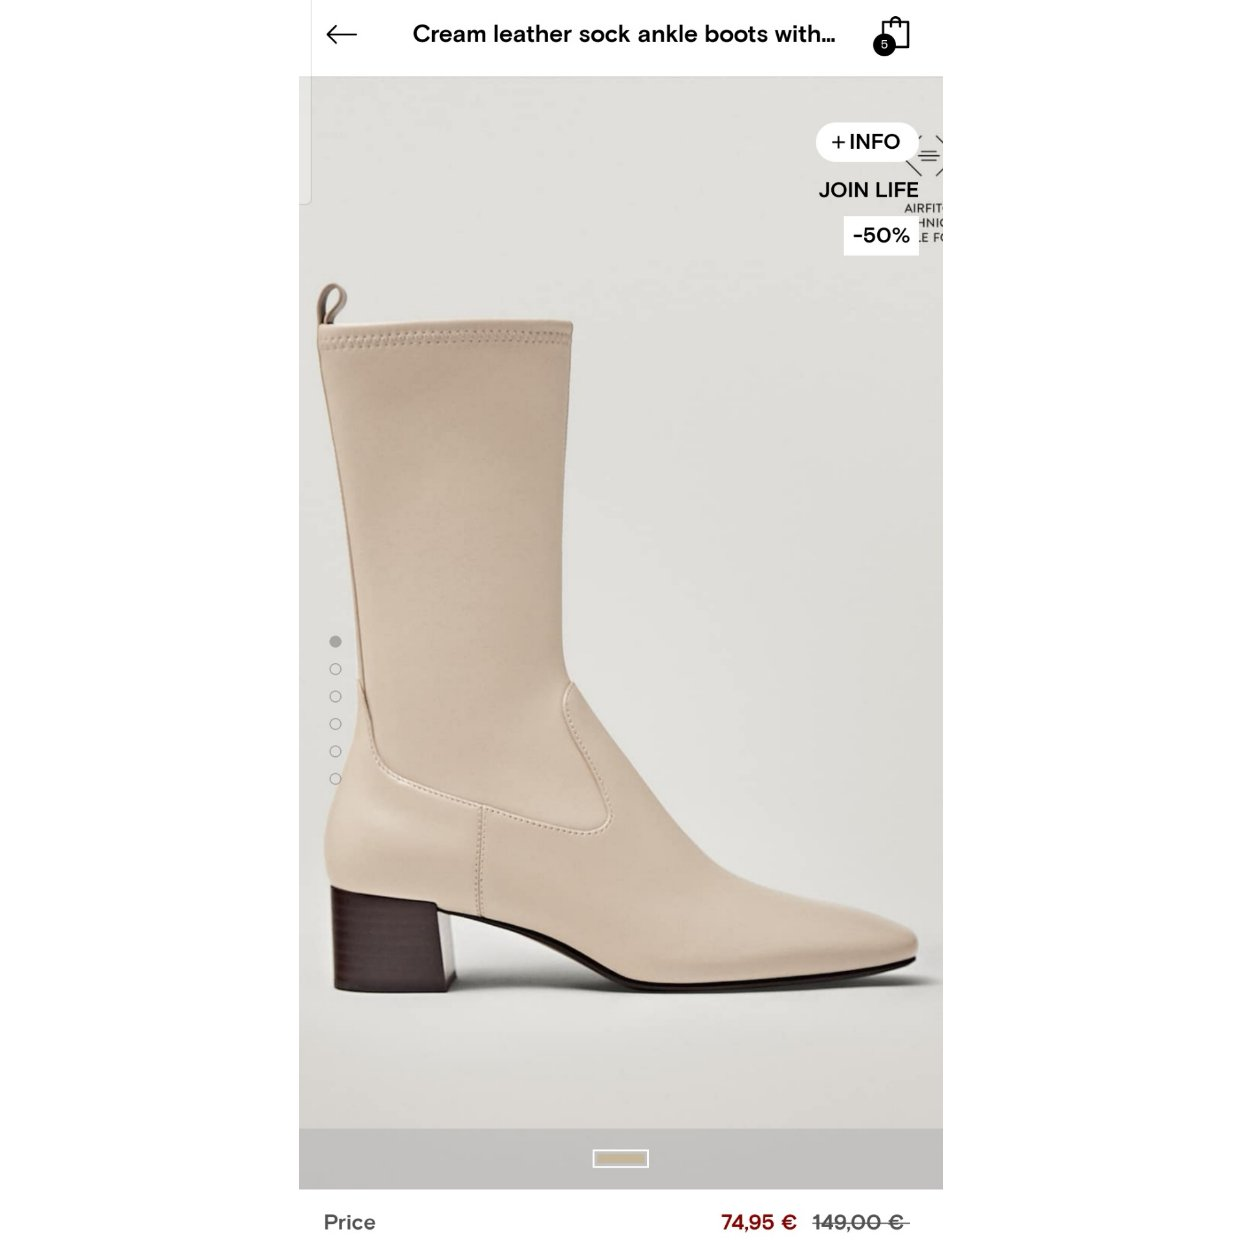 Massimo Dutti家的半价靴子,真香么?